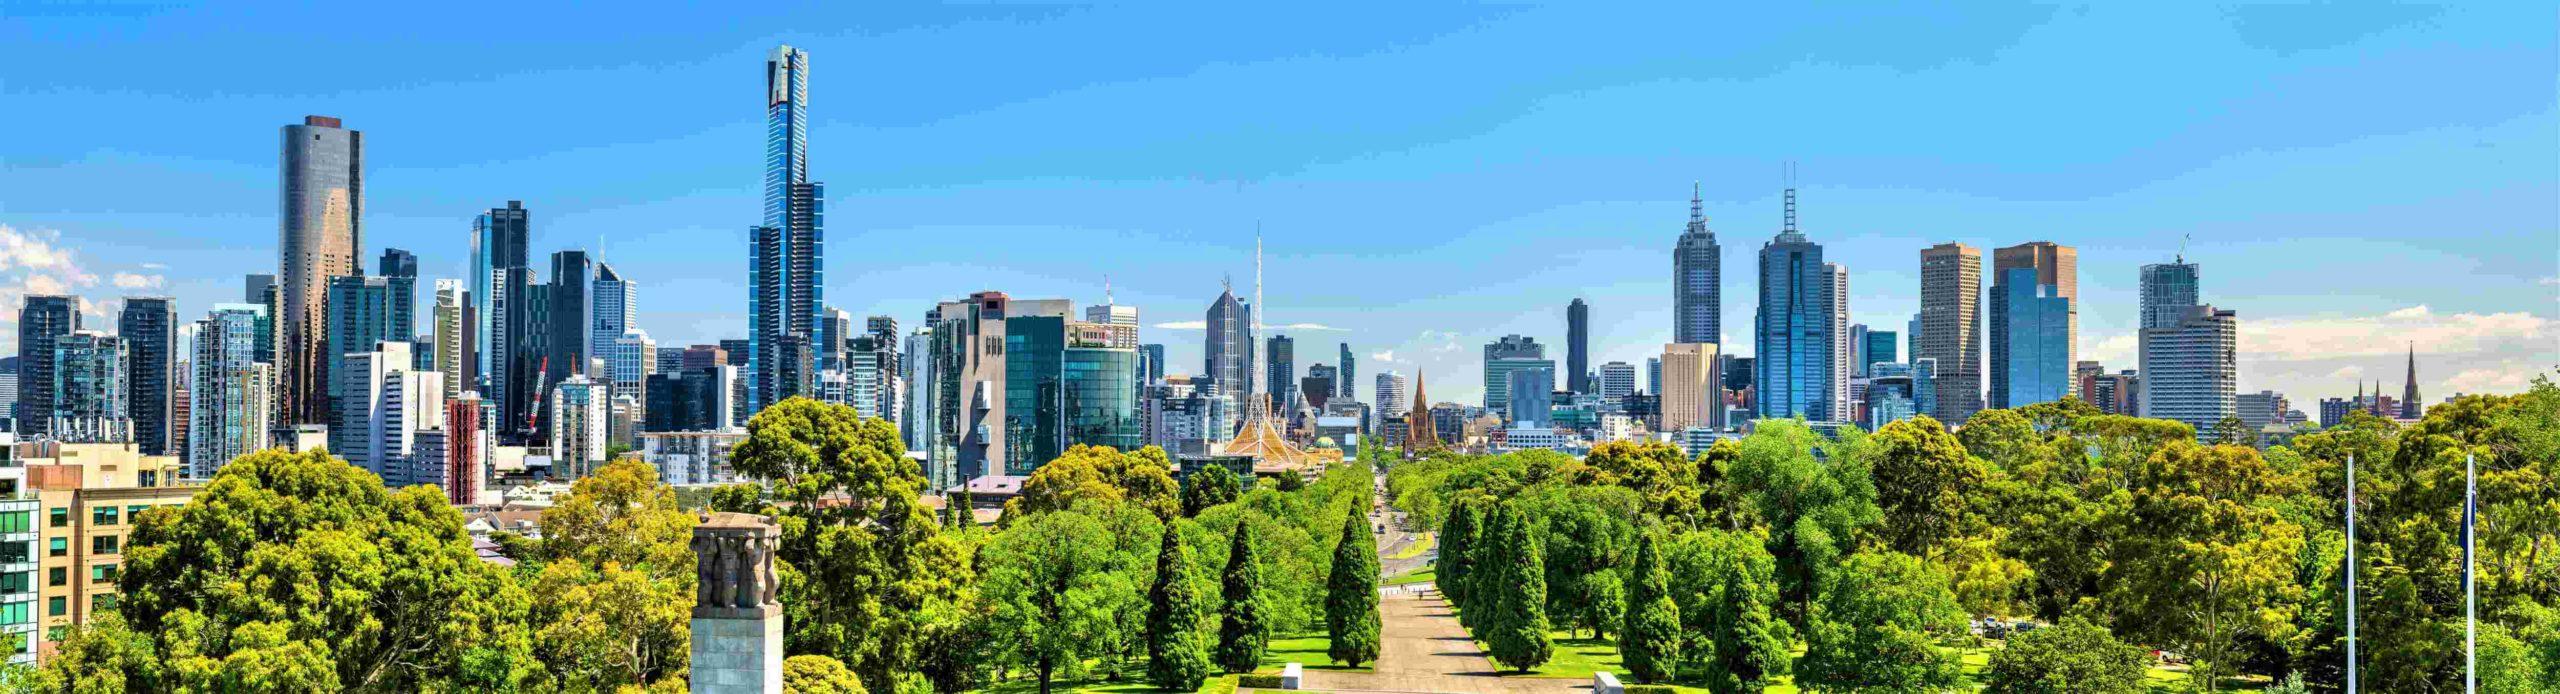 Panorama von Melbourne in Australien